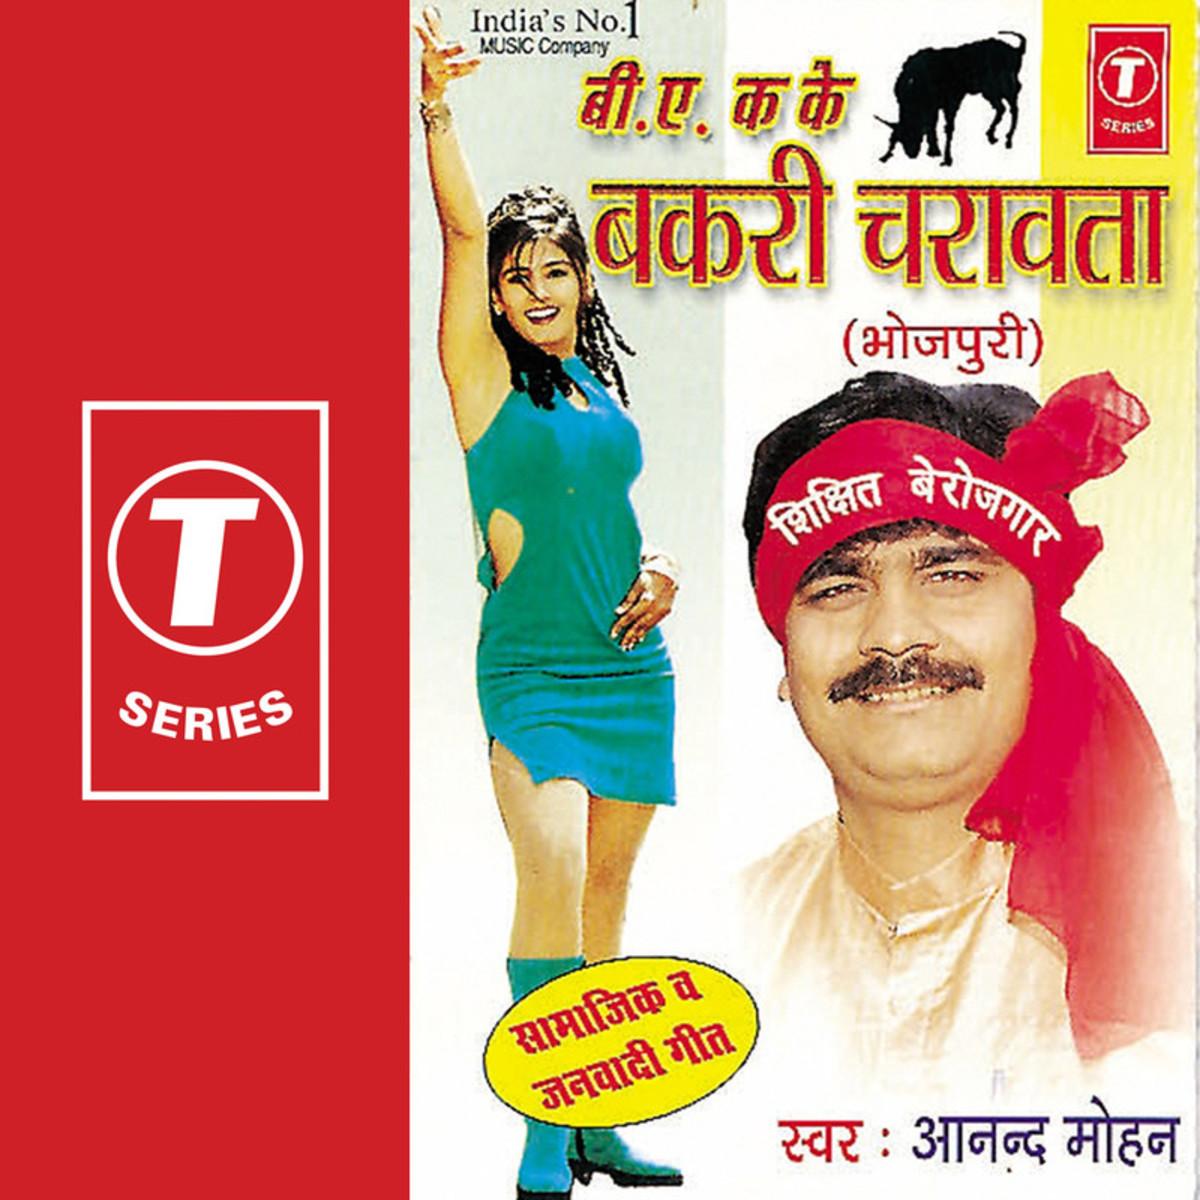 B A  Karke Bakri Charavata MP3 Song Download- B A K Ke Bakri